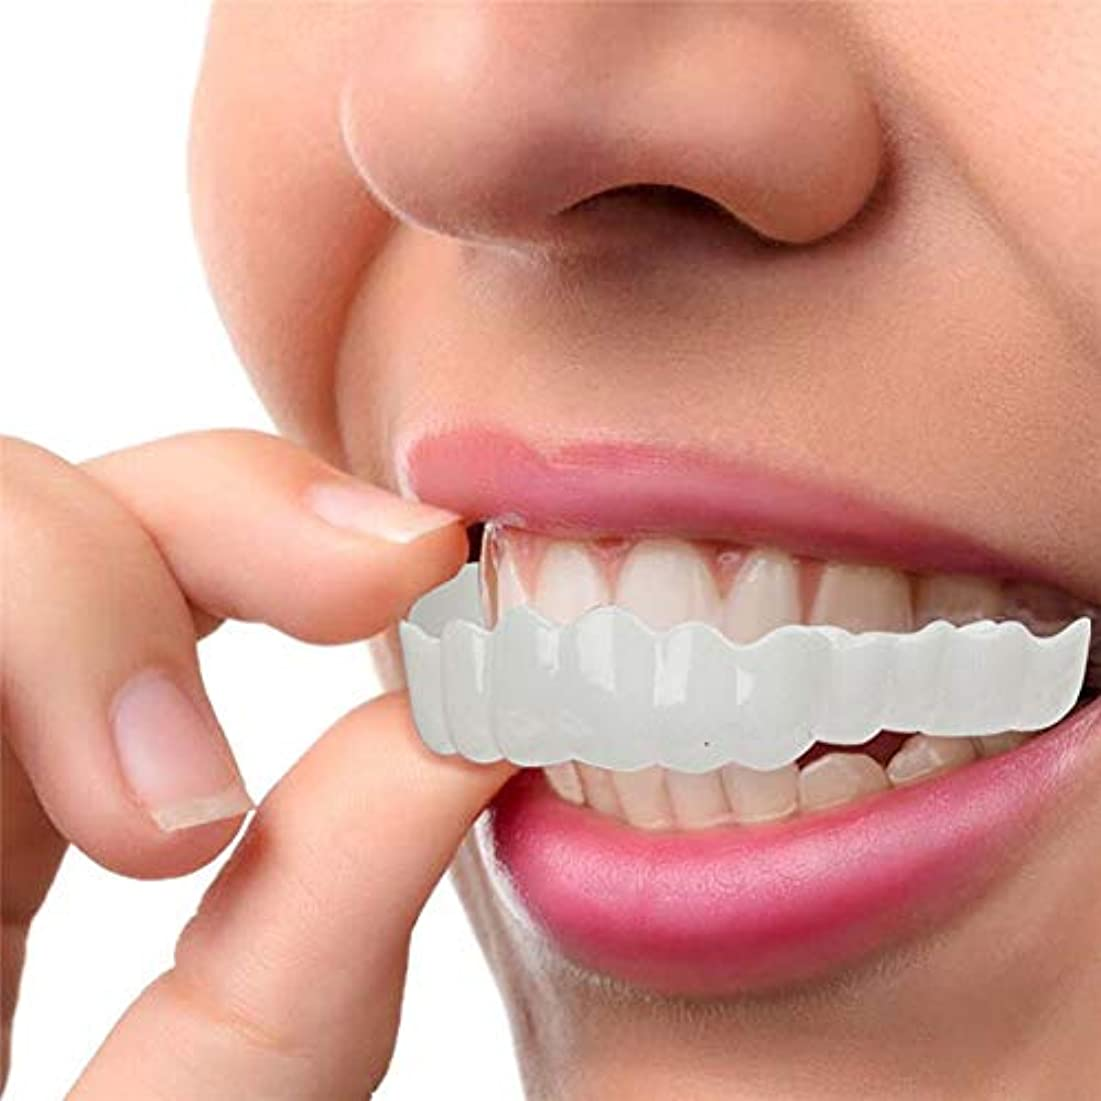 司法インストラクターライブ2セット、白い歯をきれいにするためのコンフォートフィットフレックス歯ソケット、化粧品の歯、スーパーコンフォート、コンフォートフィット